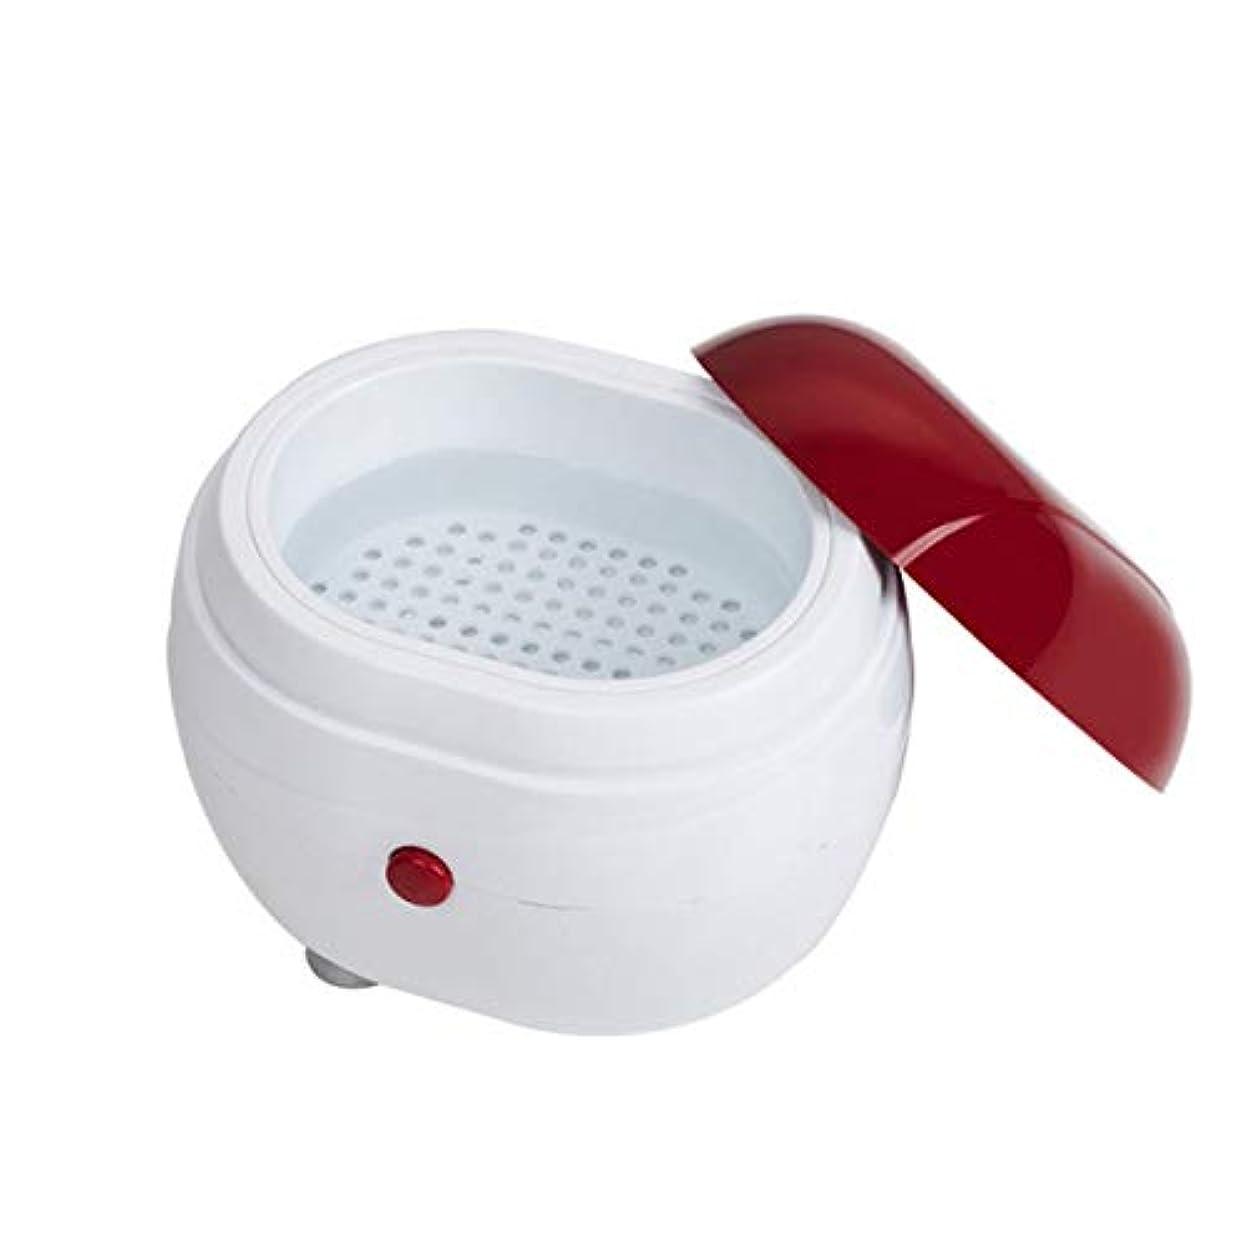 運ぶ鷲富豪Kongqiabonaポータブルミニ超音波洗濯機ジュエリーレンズ義歯クリーナーボックス